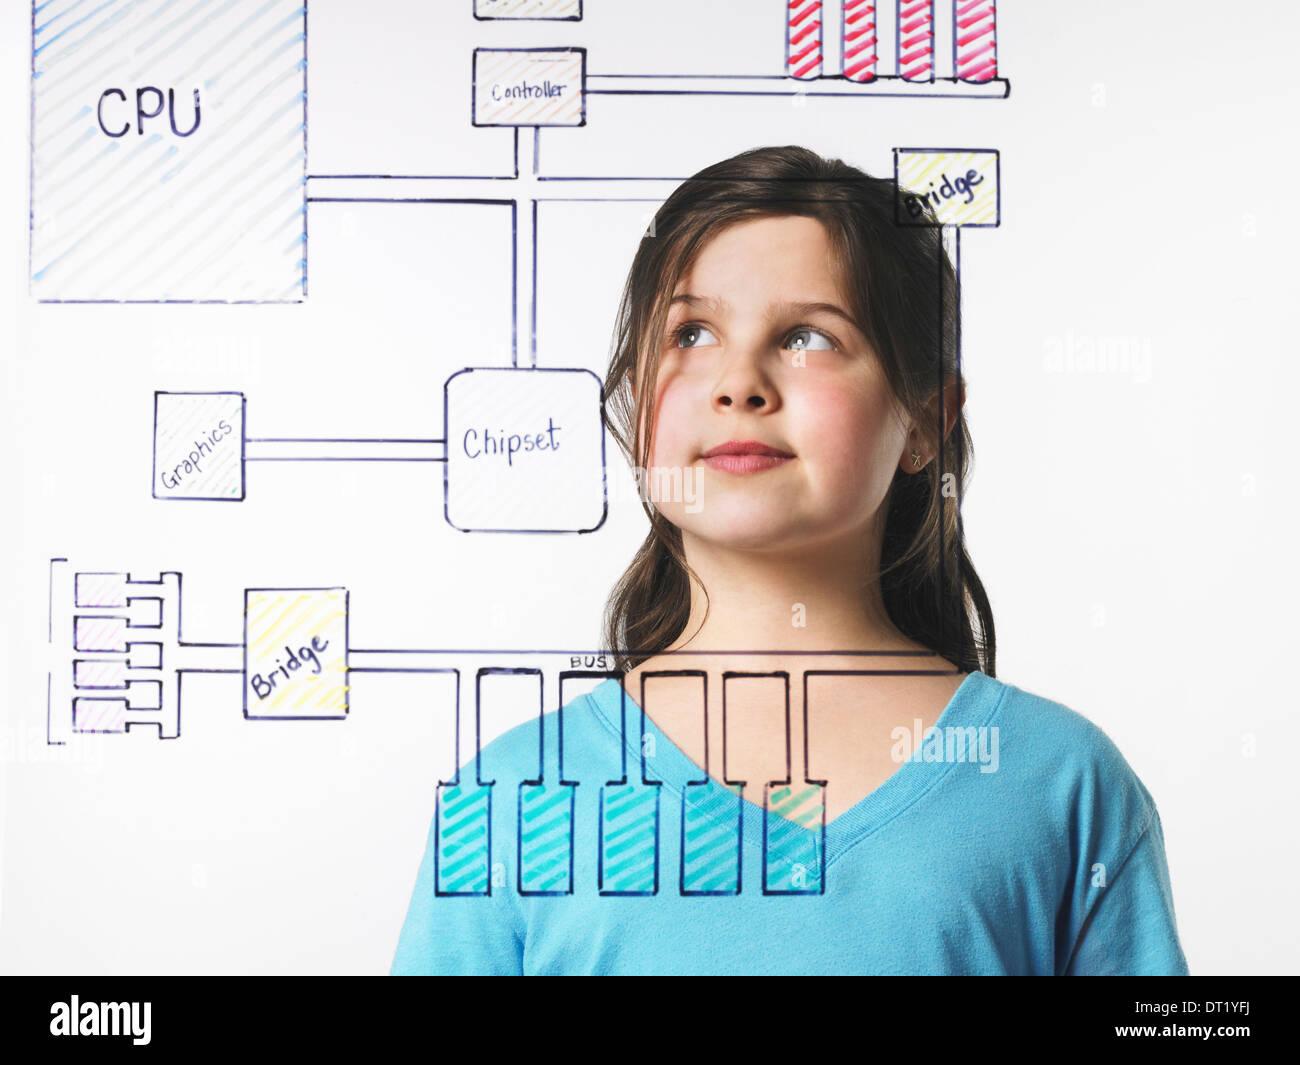 Ein junges Mädchen betrachten einer Zeichnung einer Computer-Motherboard-Schaltung auf sehen durch klare Oberfläche Stockbild